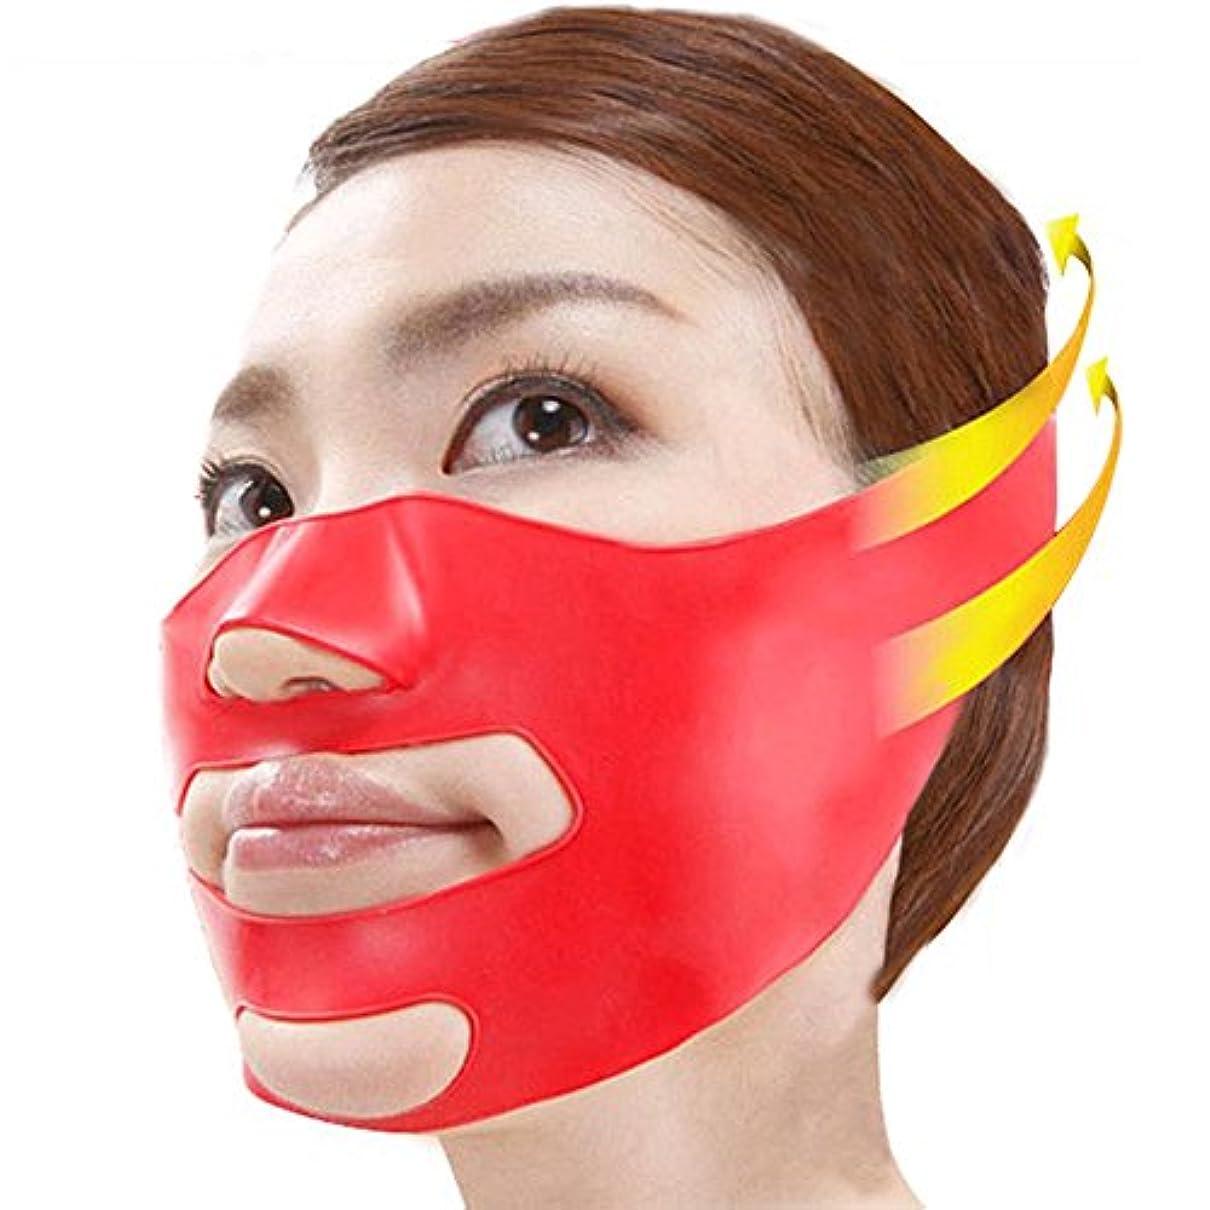 額剪断盆3D 小顔 マッサージグッズ フェイスマスク 美容 顔痩せ ほうれい線 消す グッズ 美顔 矯正 (フリーサイズ, レッド)